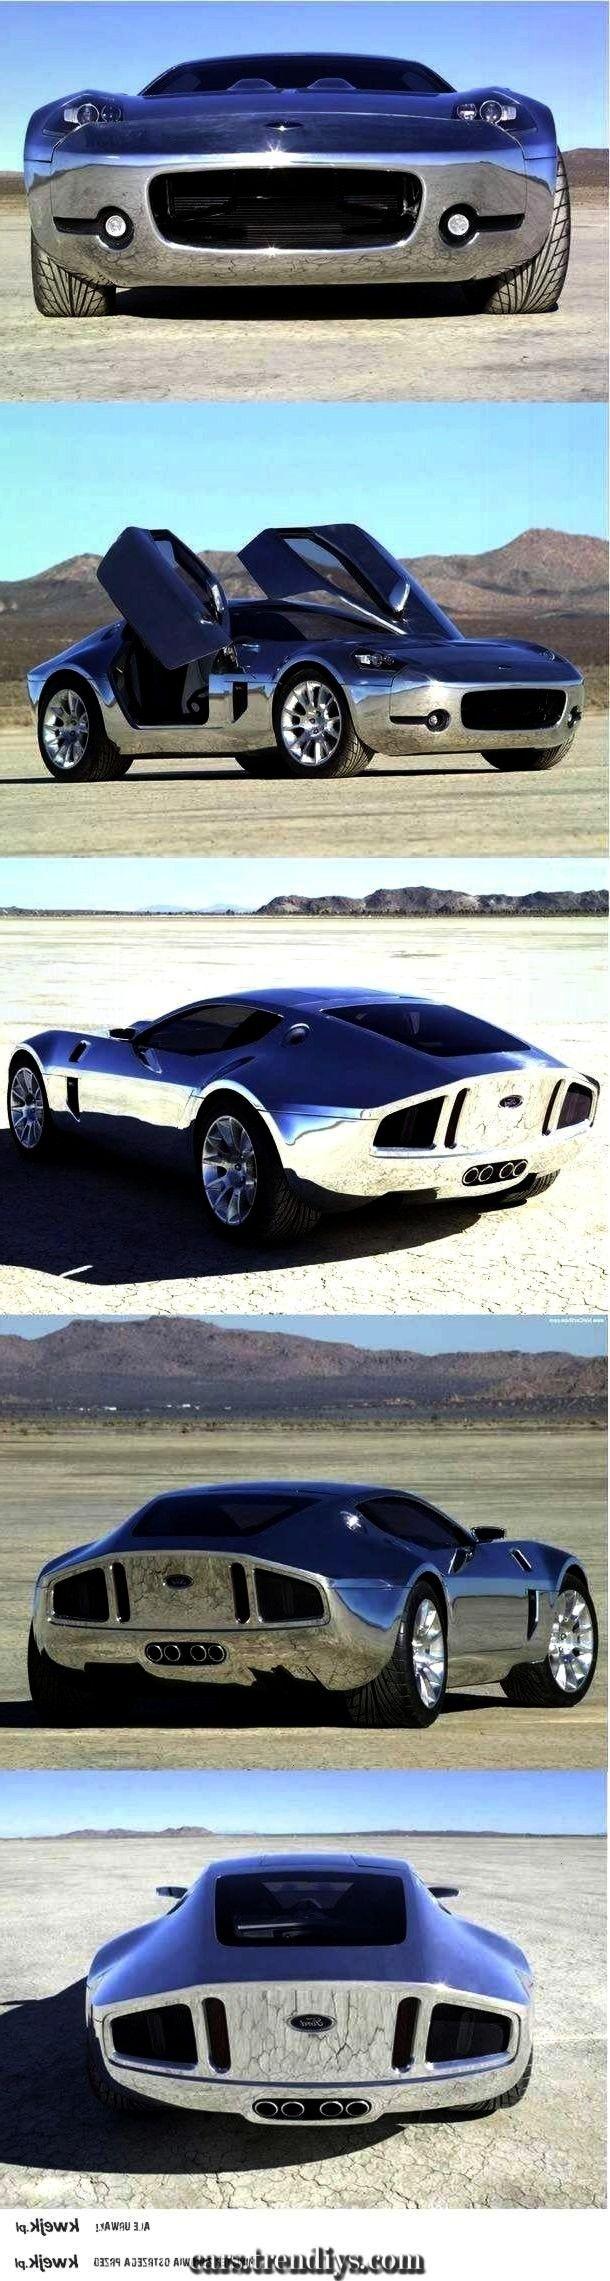 Ford Shelby GR-1 Konzeptauto. Baue es !!! Fords Auskunft hinaus die Sting ...  Spektakulär Dies Fo